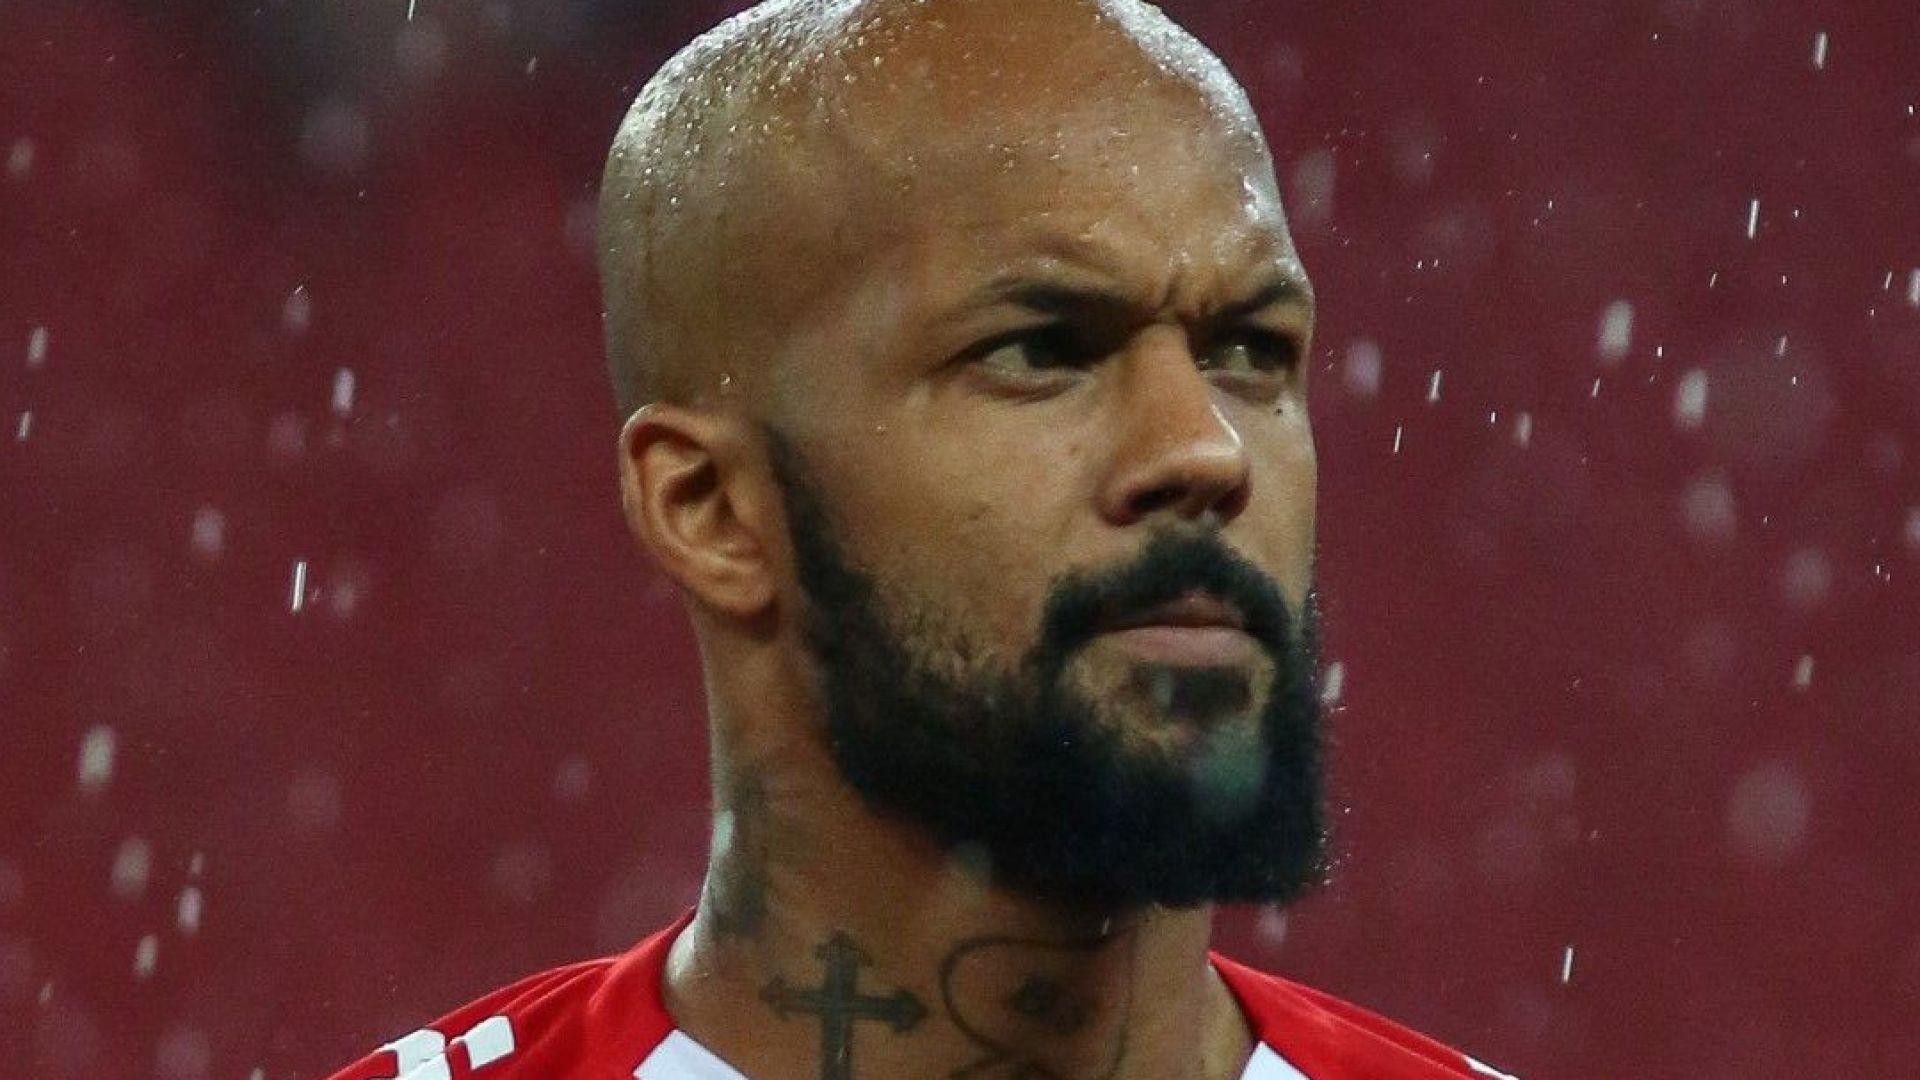 Фен отнесе брутален шут в главата от играч в Бразилия